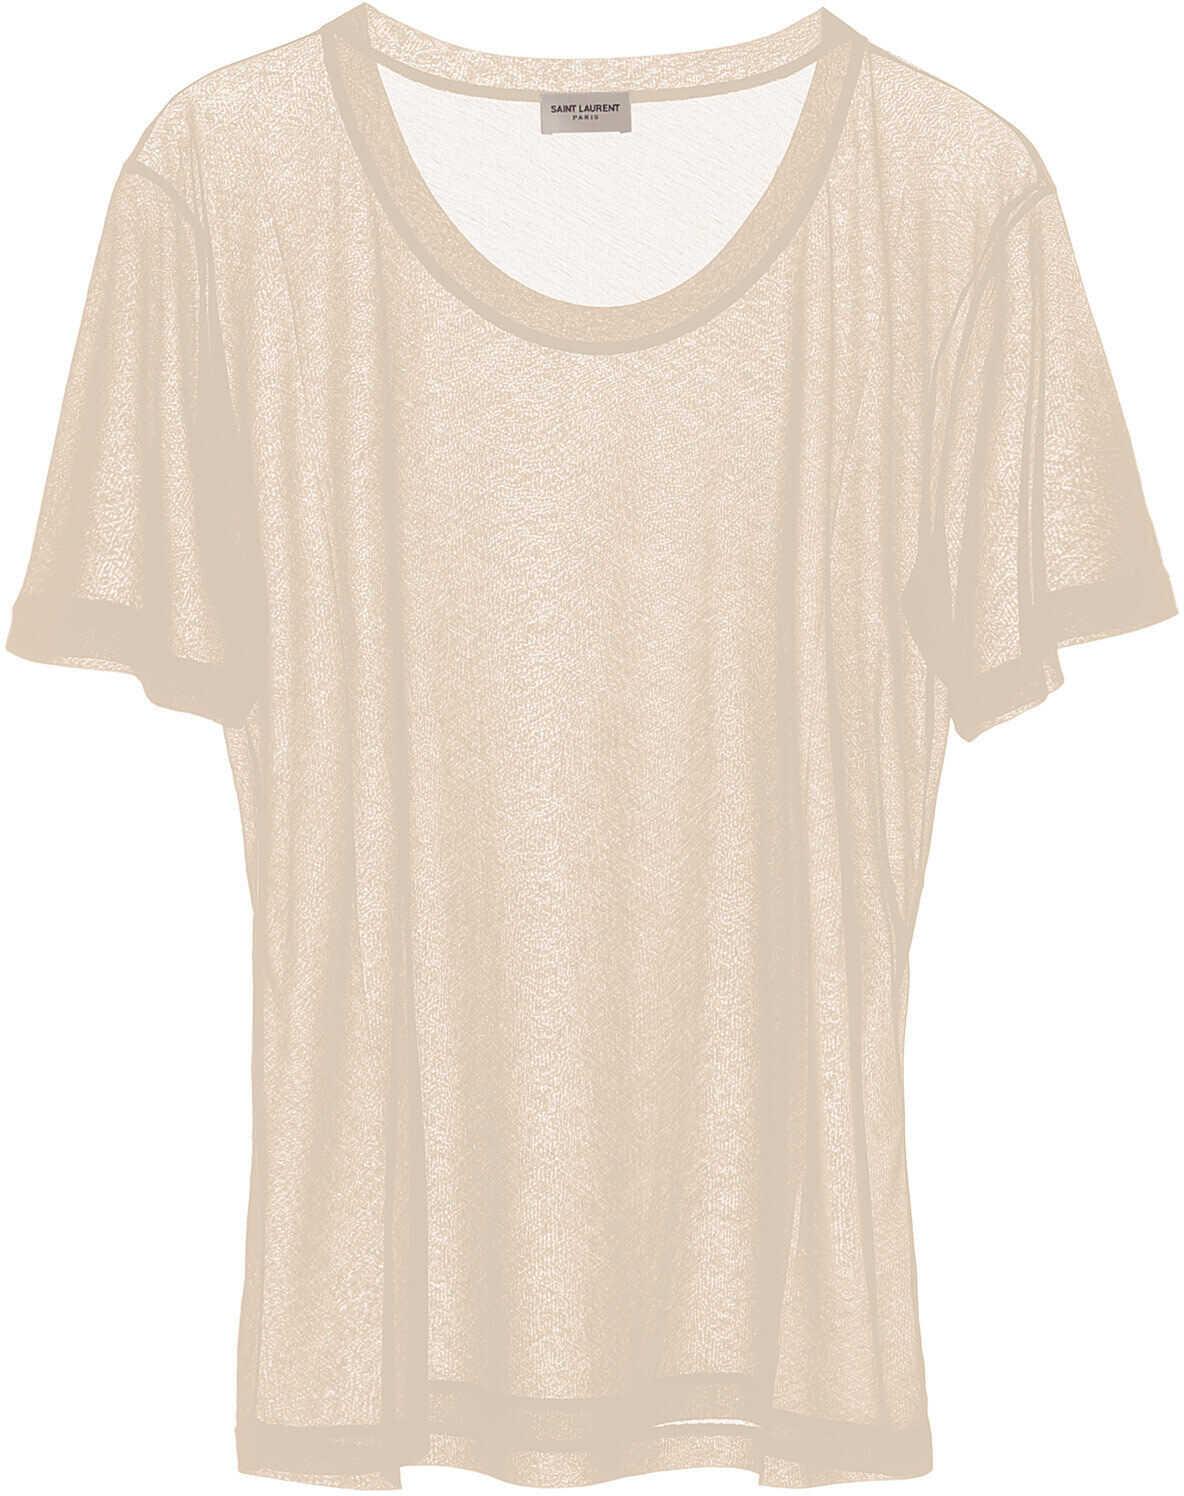 Saint Laurent Basic T-Shirt NUDE